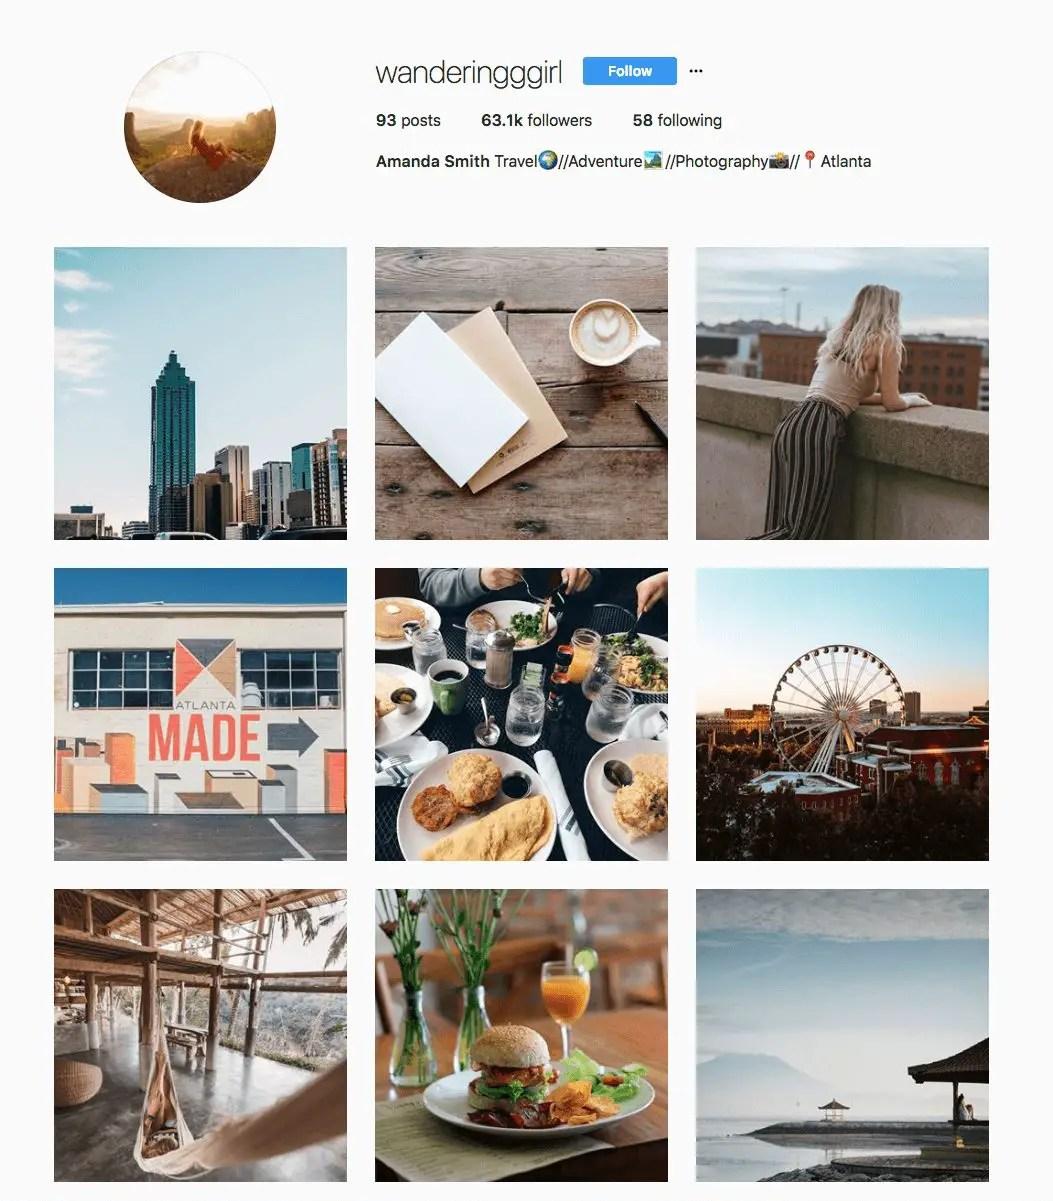 wersm-Wanderingggirl-Instagram-Profile-Page-06-24-18